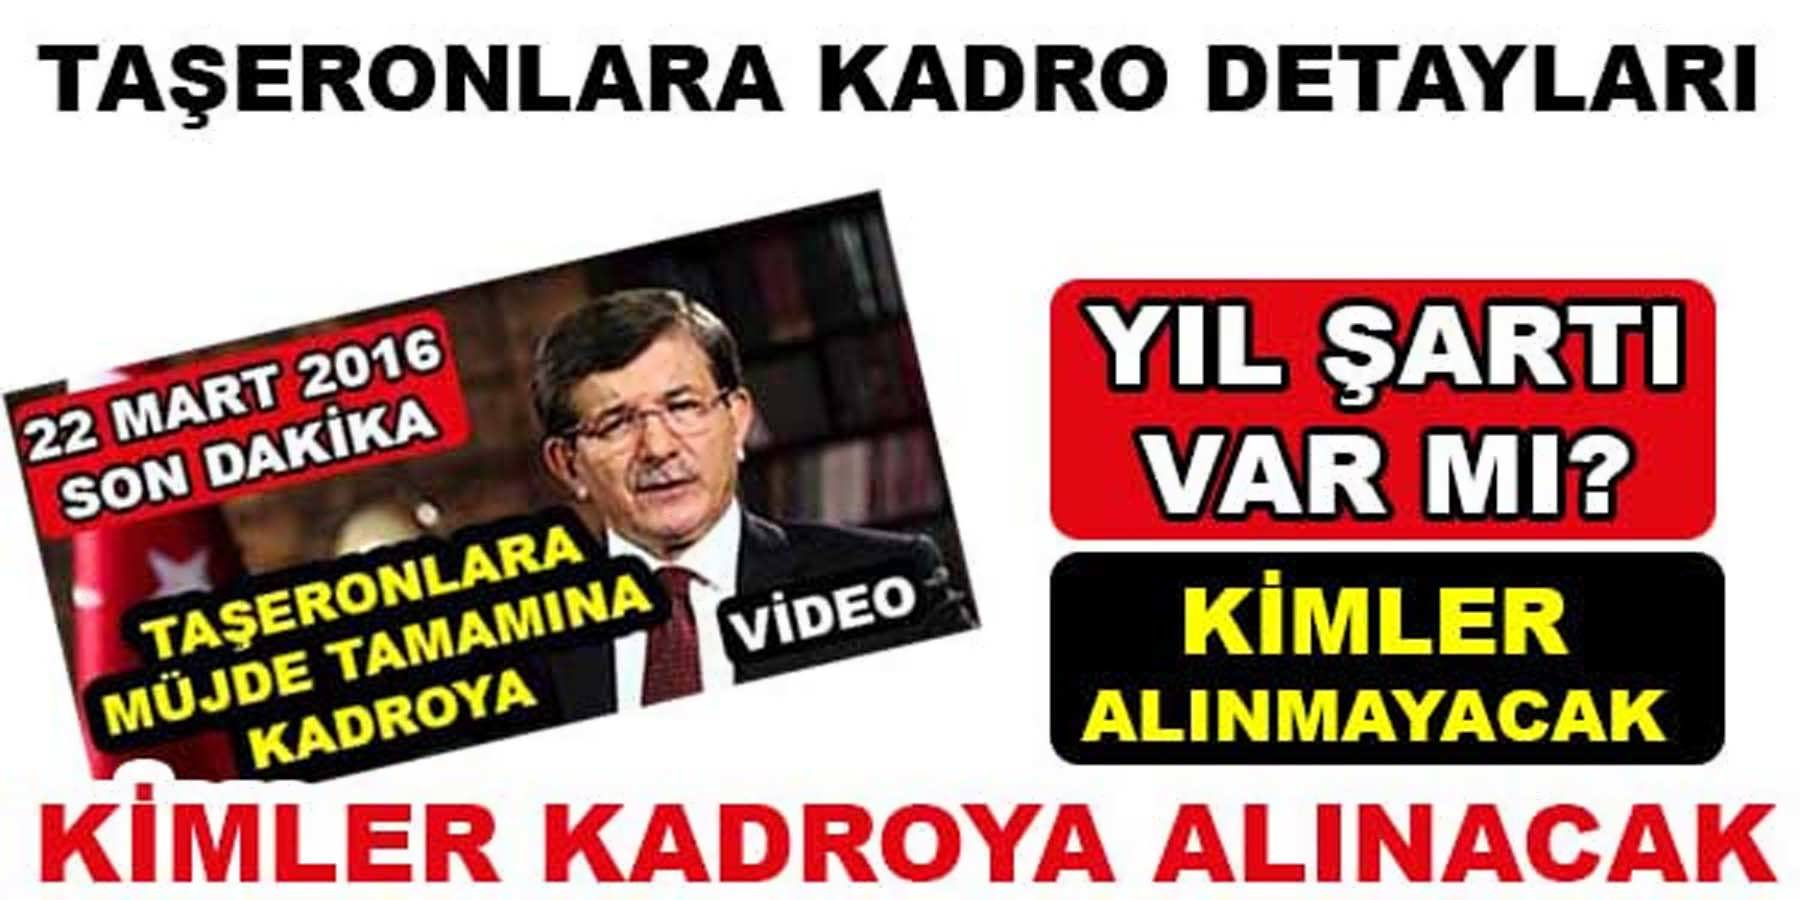 Başbakan Davutoğlu 'nun Açıklaması Sonrasında Hangi Taşeronlar Kadroya Alınacak Şartlar Ne Oldu